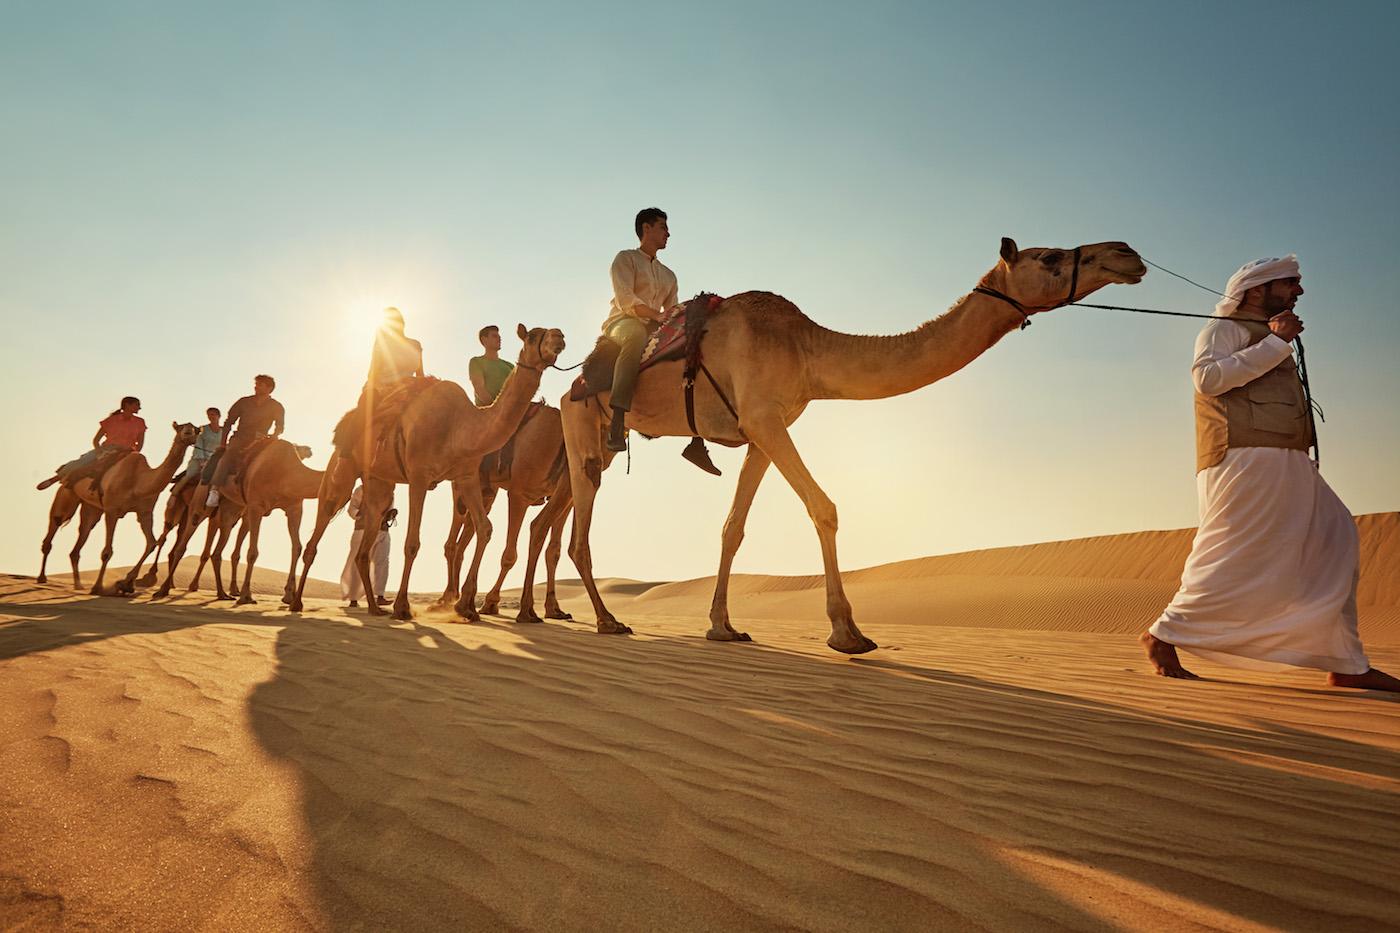 Der FalconLens Award in Abu Dhabi: Aufregender kann die Adventszeit nicht sein 2